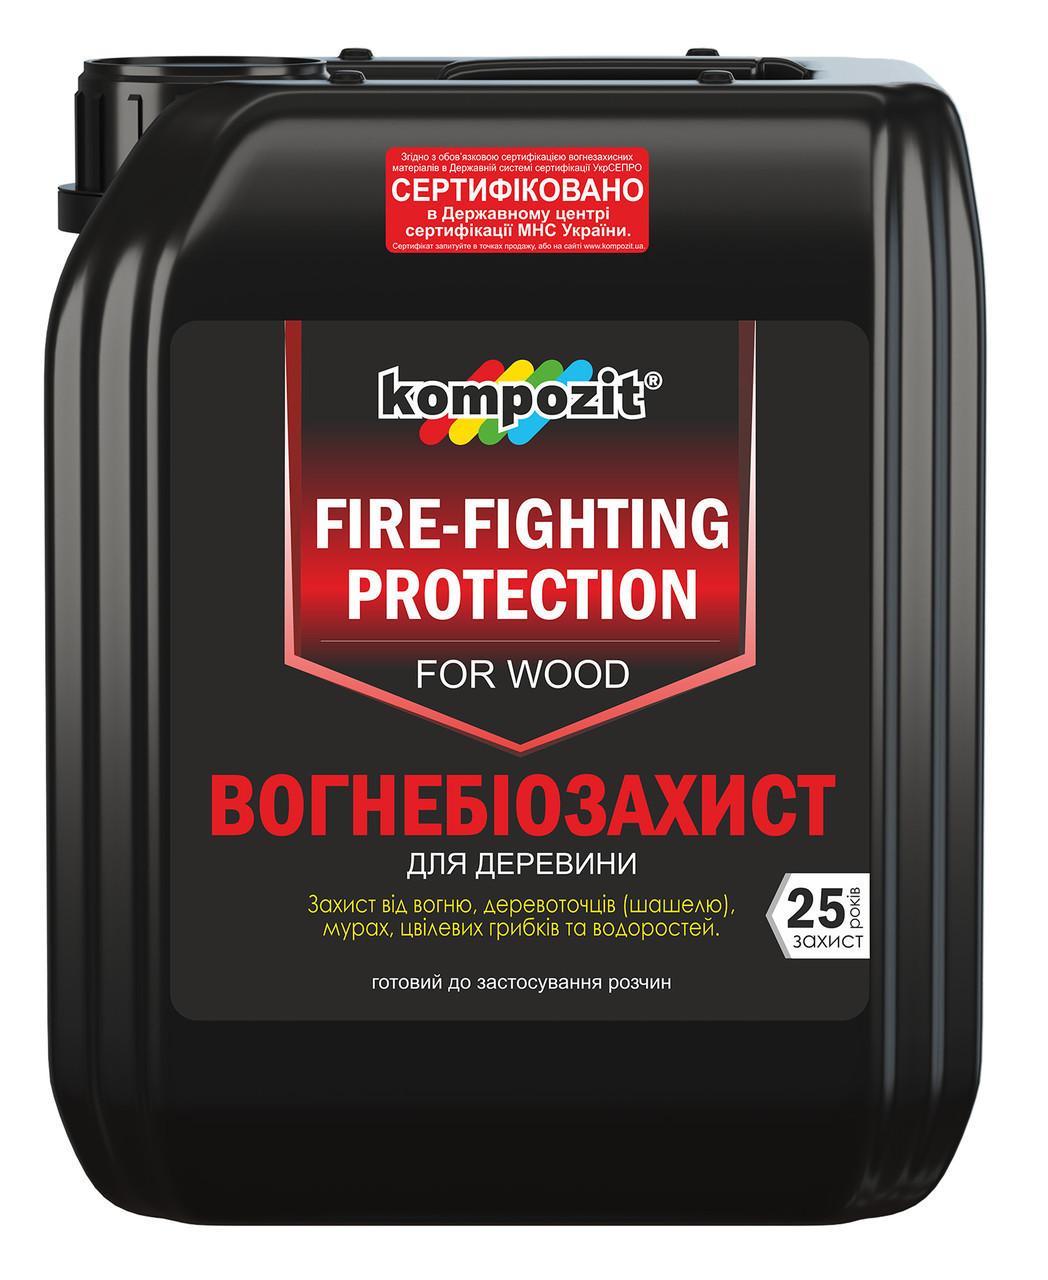 Огнебиозащита для дерева Kompozit БС-13 (10 л) красный